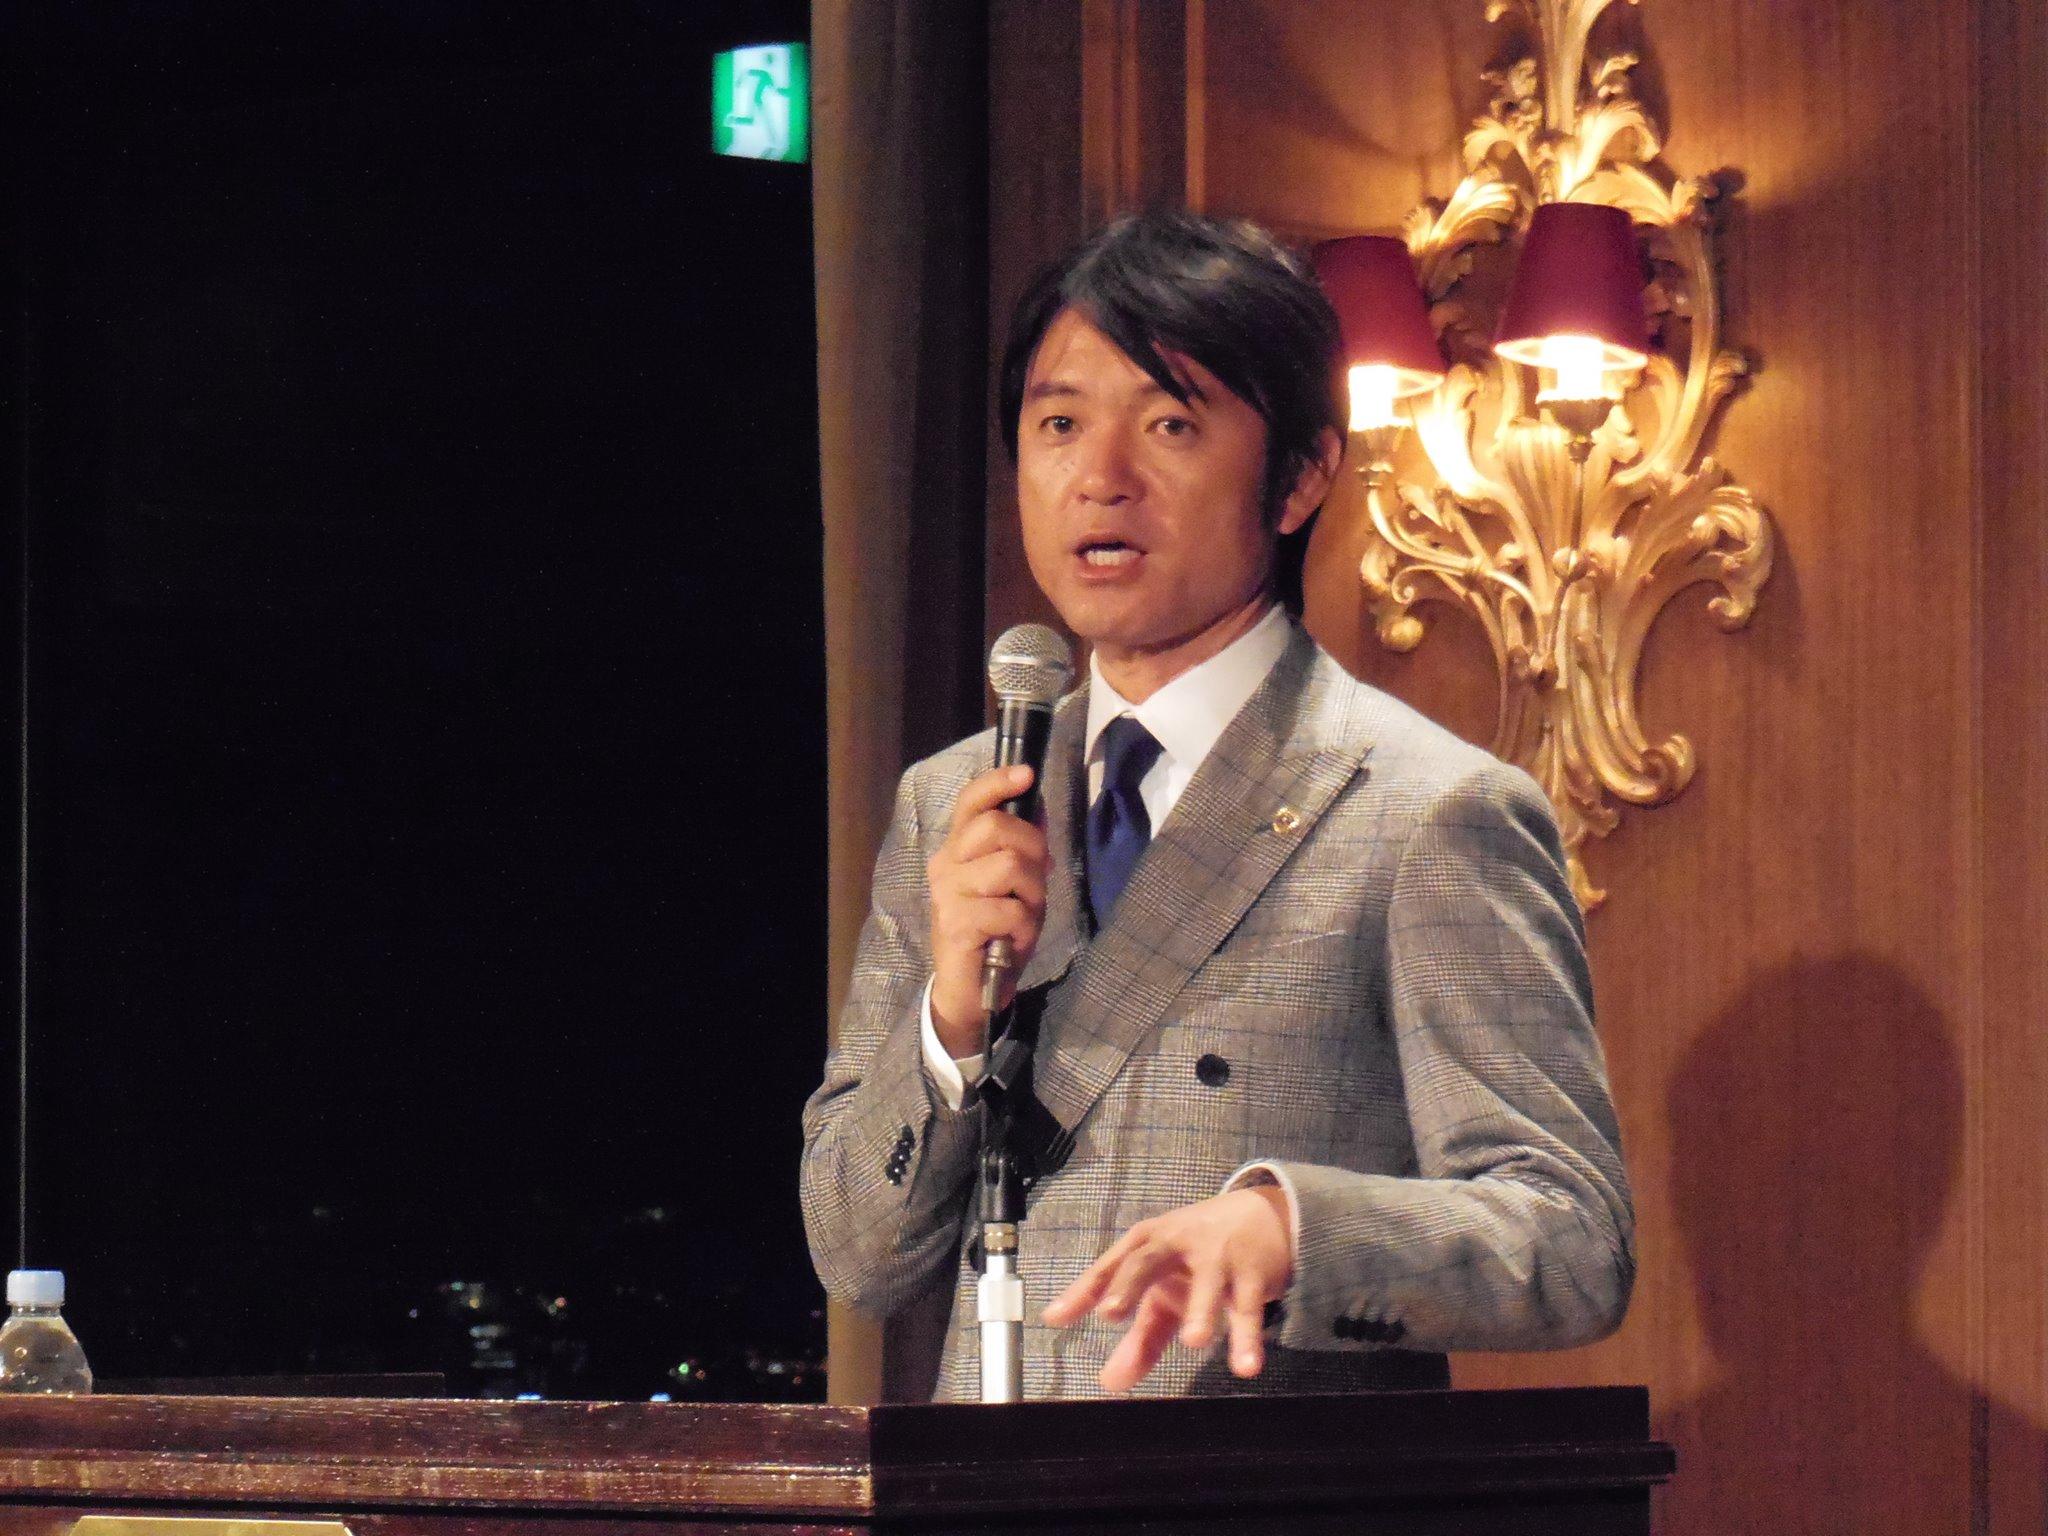 和友会政治懇談会20131123_森かずとみ2